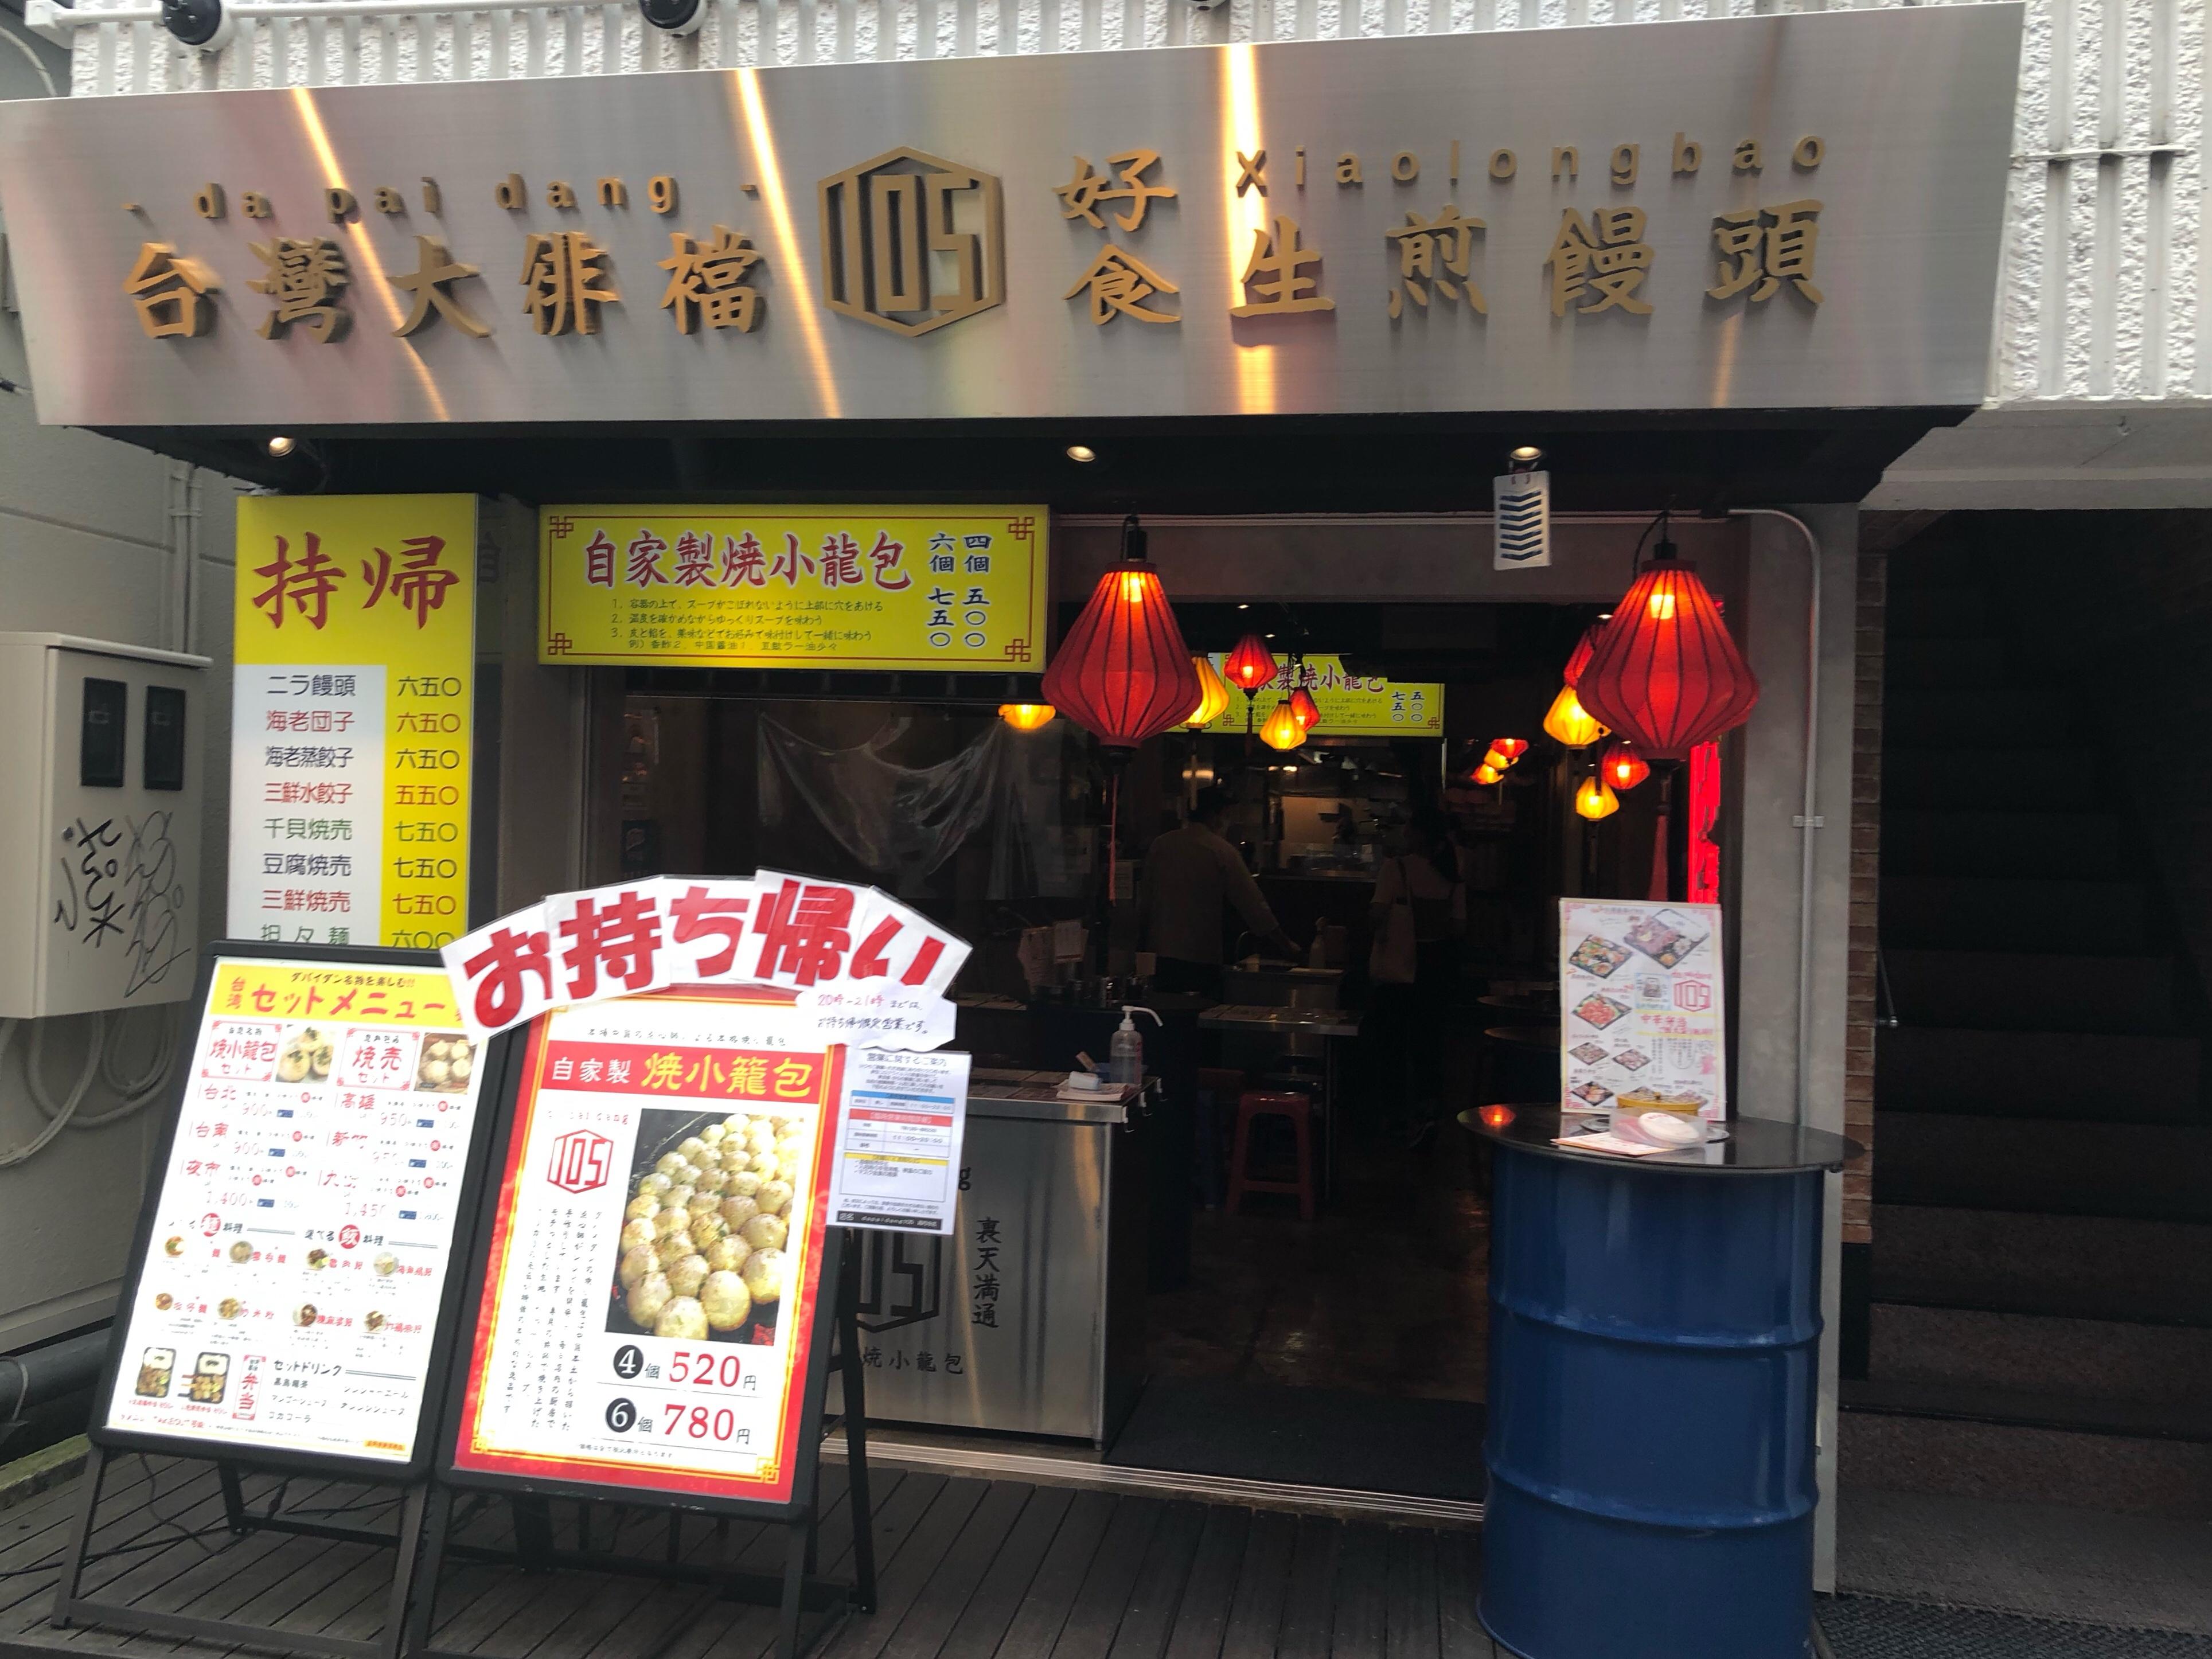 台湾料理、自家製焼き小籠包が自慢の『ダパイダン105 高円寺東京本店』